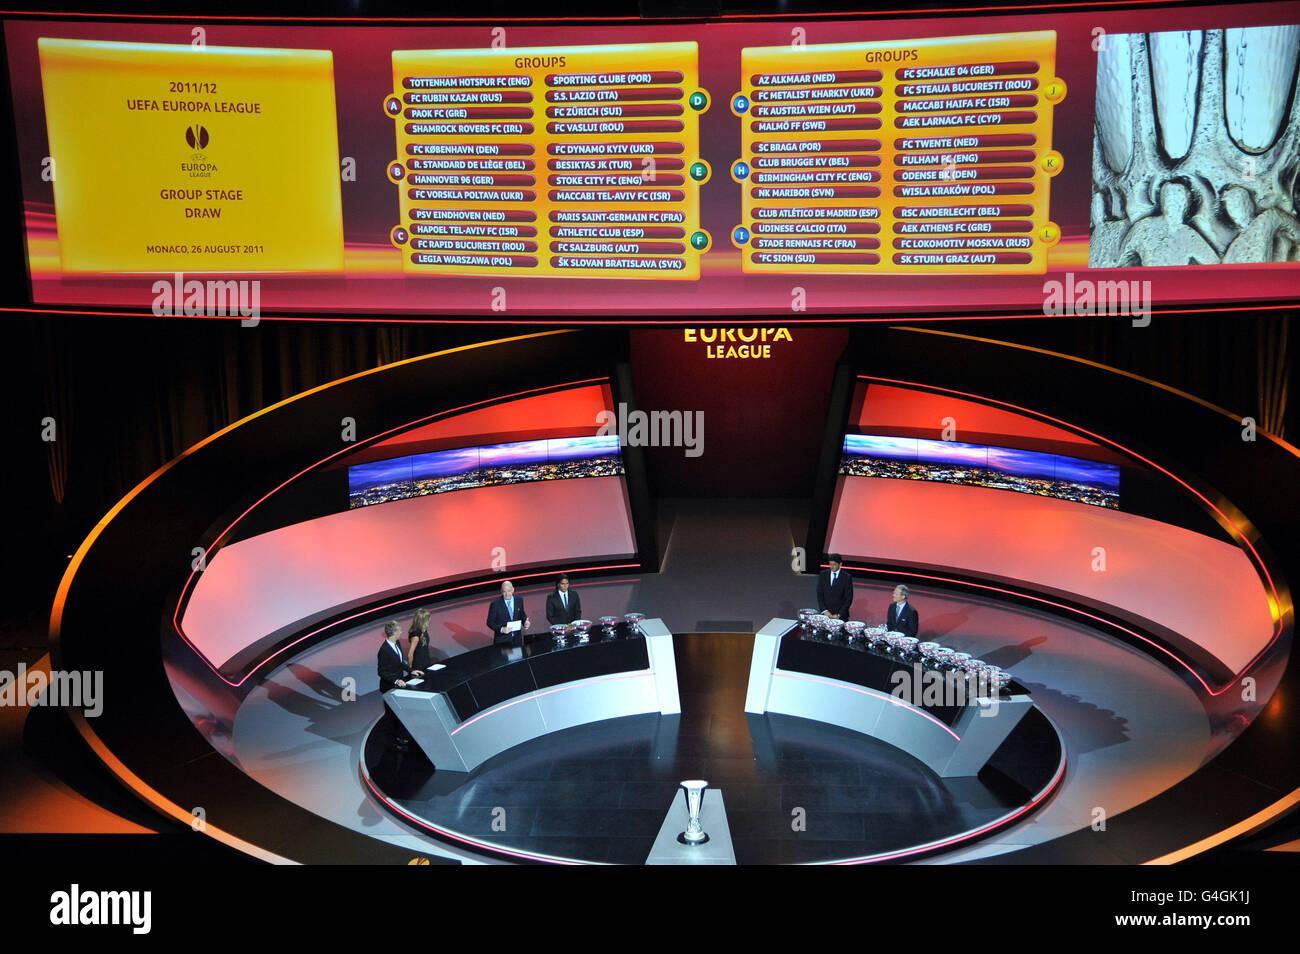 soccer uefa europa league group stage draw grimaldi forum stock photo alamy https www alamy com stock photo soccer uefa europa league group stage draw grimaldi forum 106087006 html